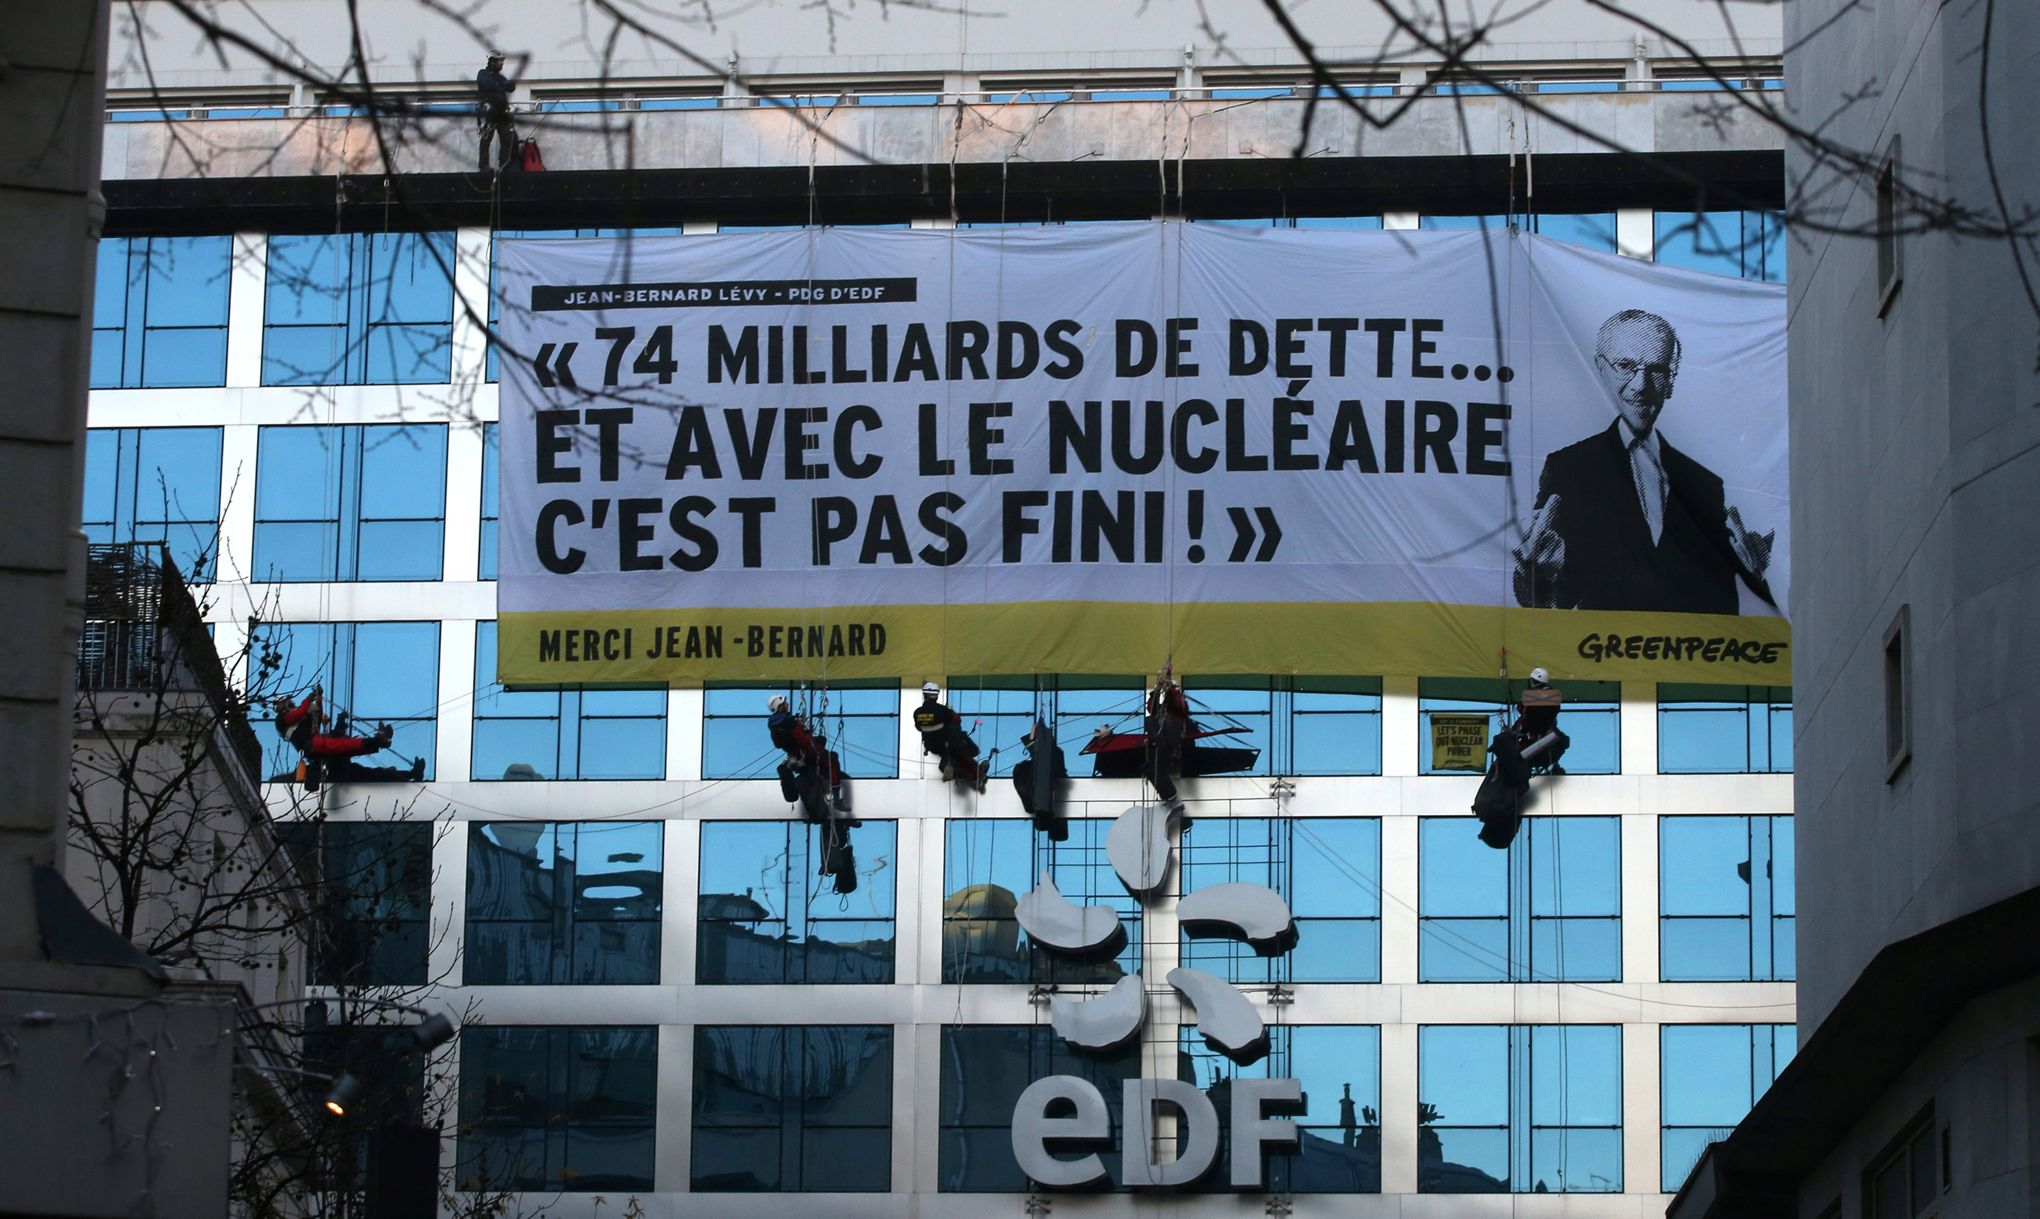 Edf veut porter plainte contre greenpeace apr s un happening - Porter plainte combien de temps apres ...